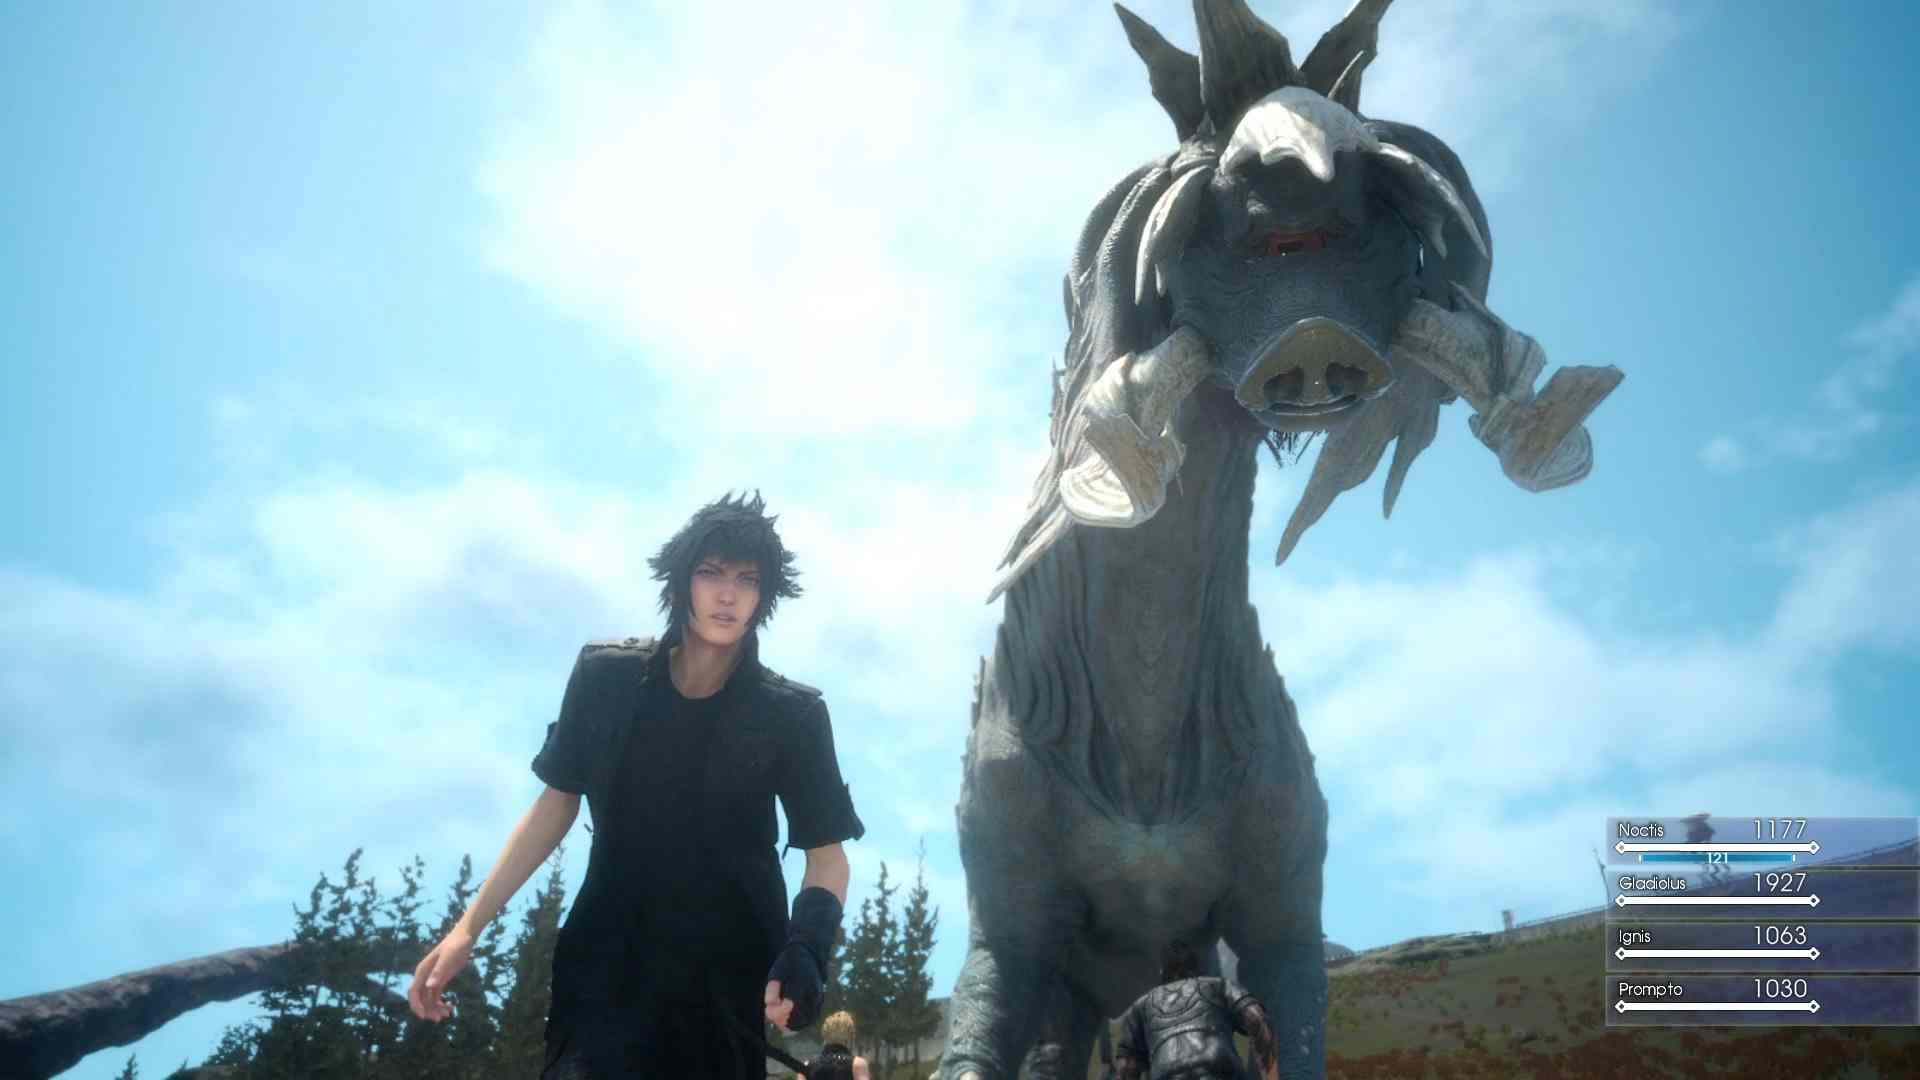 La actualización de Final Fantasy XV: Episode Duscae ya está disponible